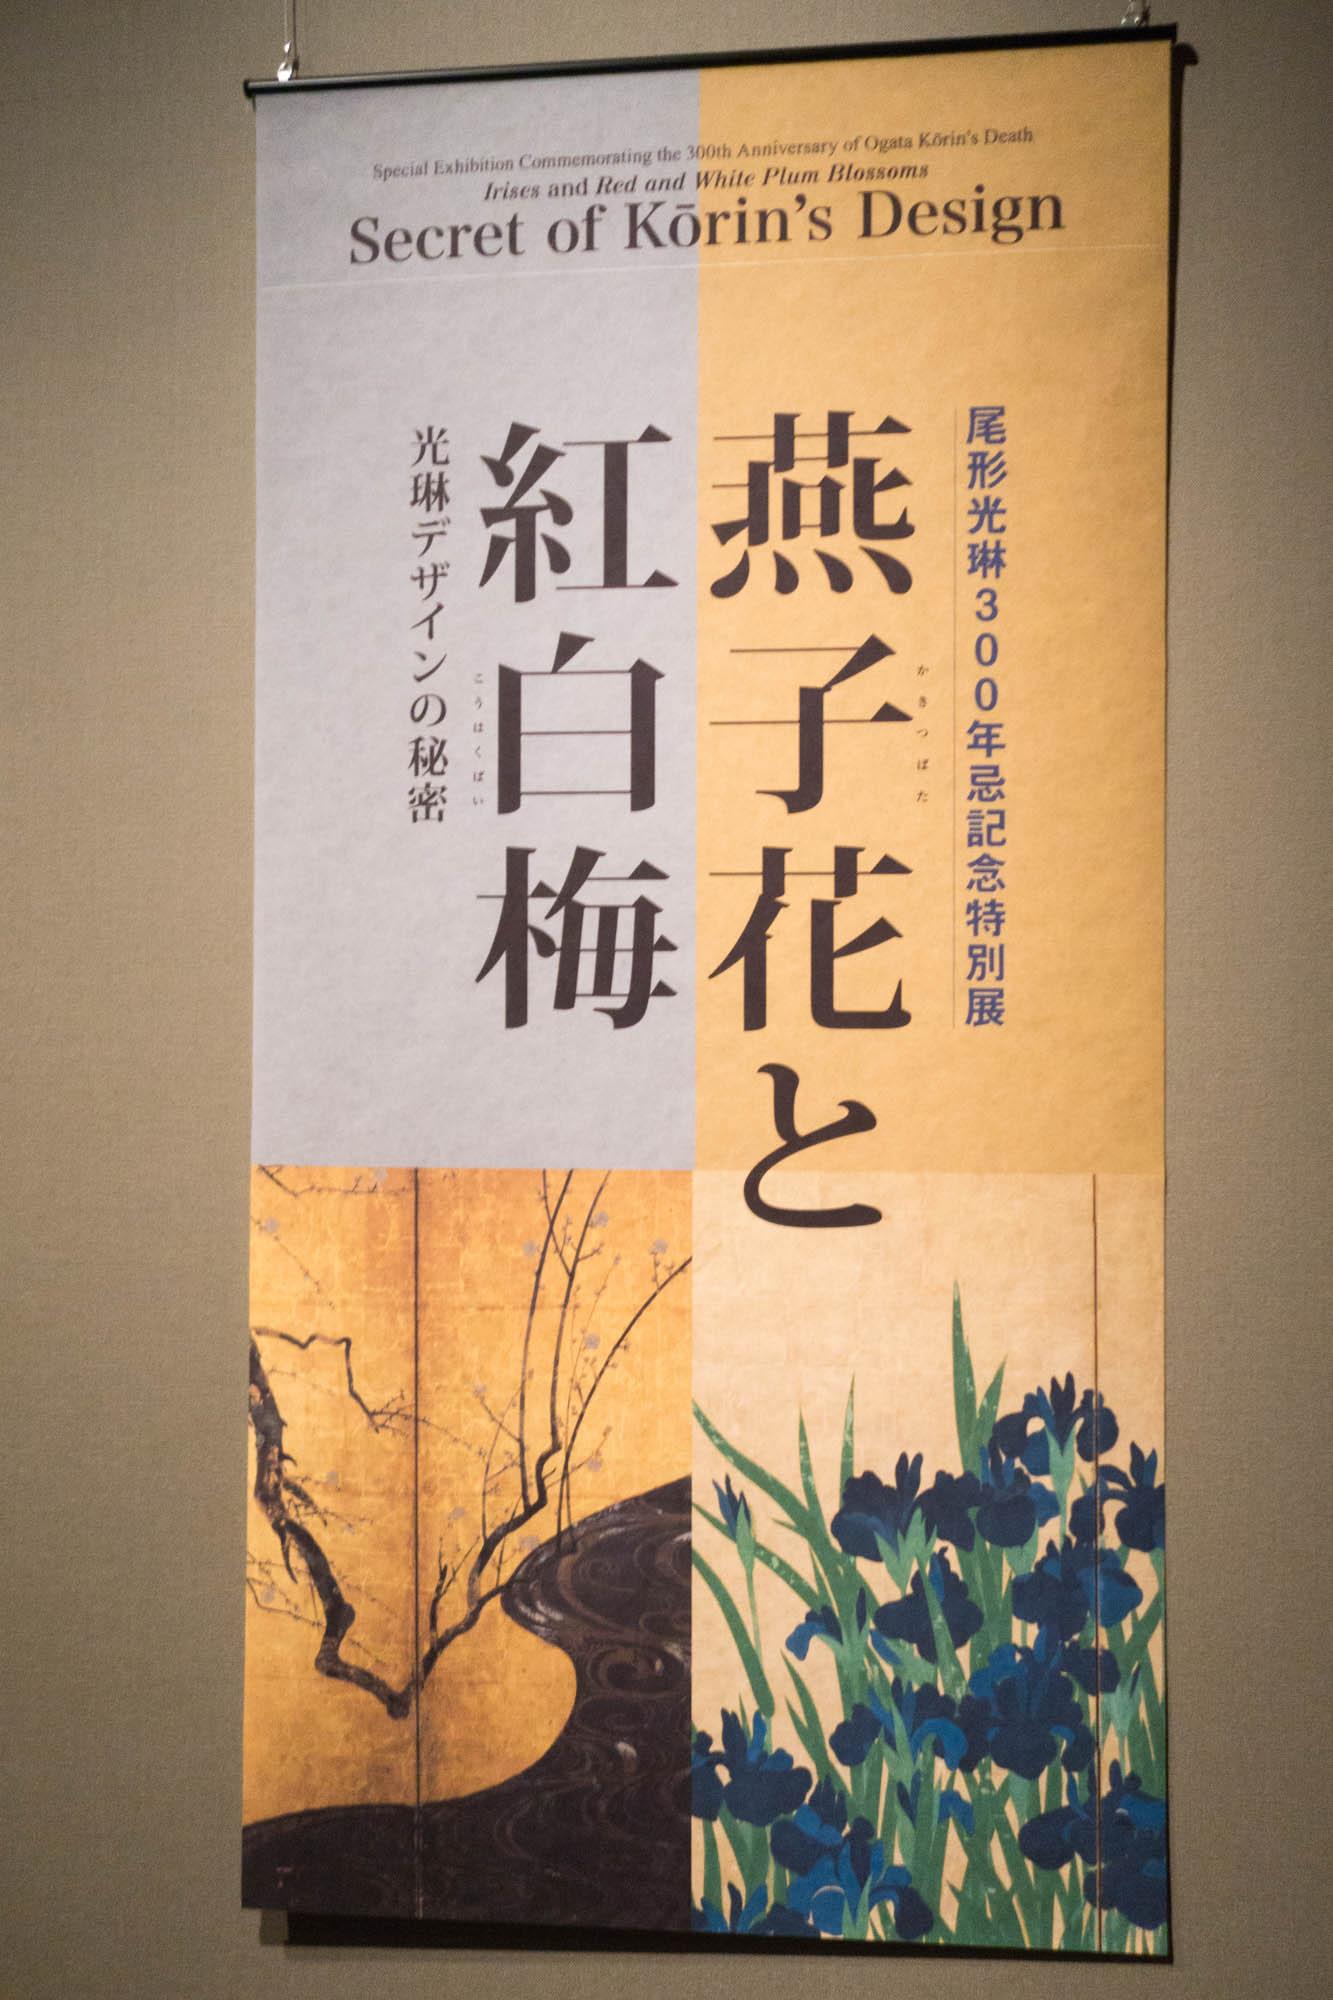 国宝に無限のスクリーンを感じる。根津美術館「燕子花と紅白梅 光琳デザインの秘密」